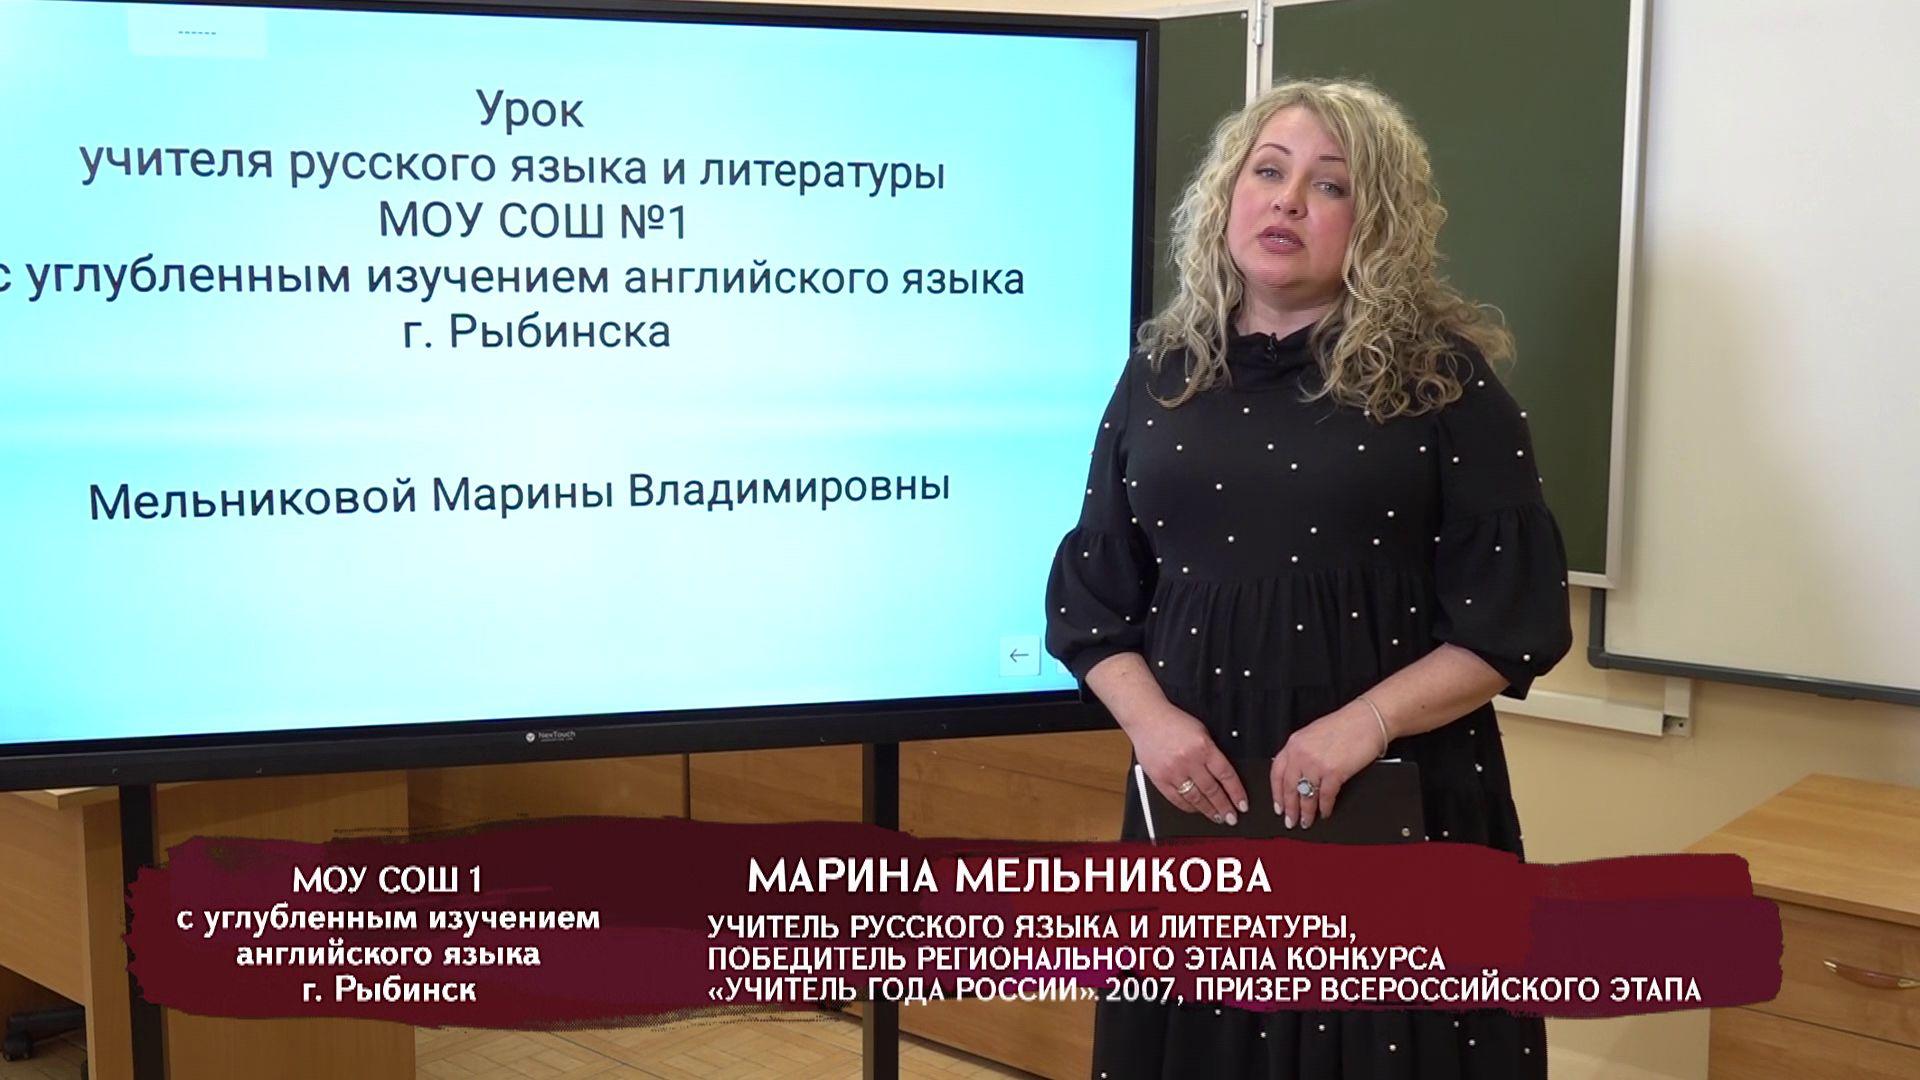 Телеуроки. Марина Мельникова. Анализ стихотворения М. И. Цветаевой.